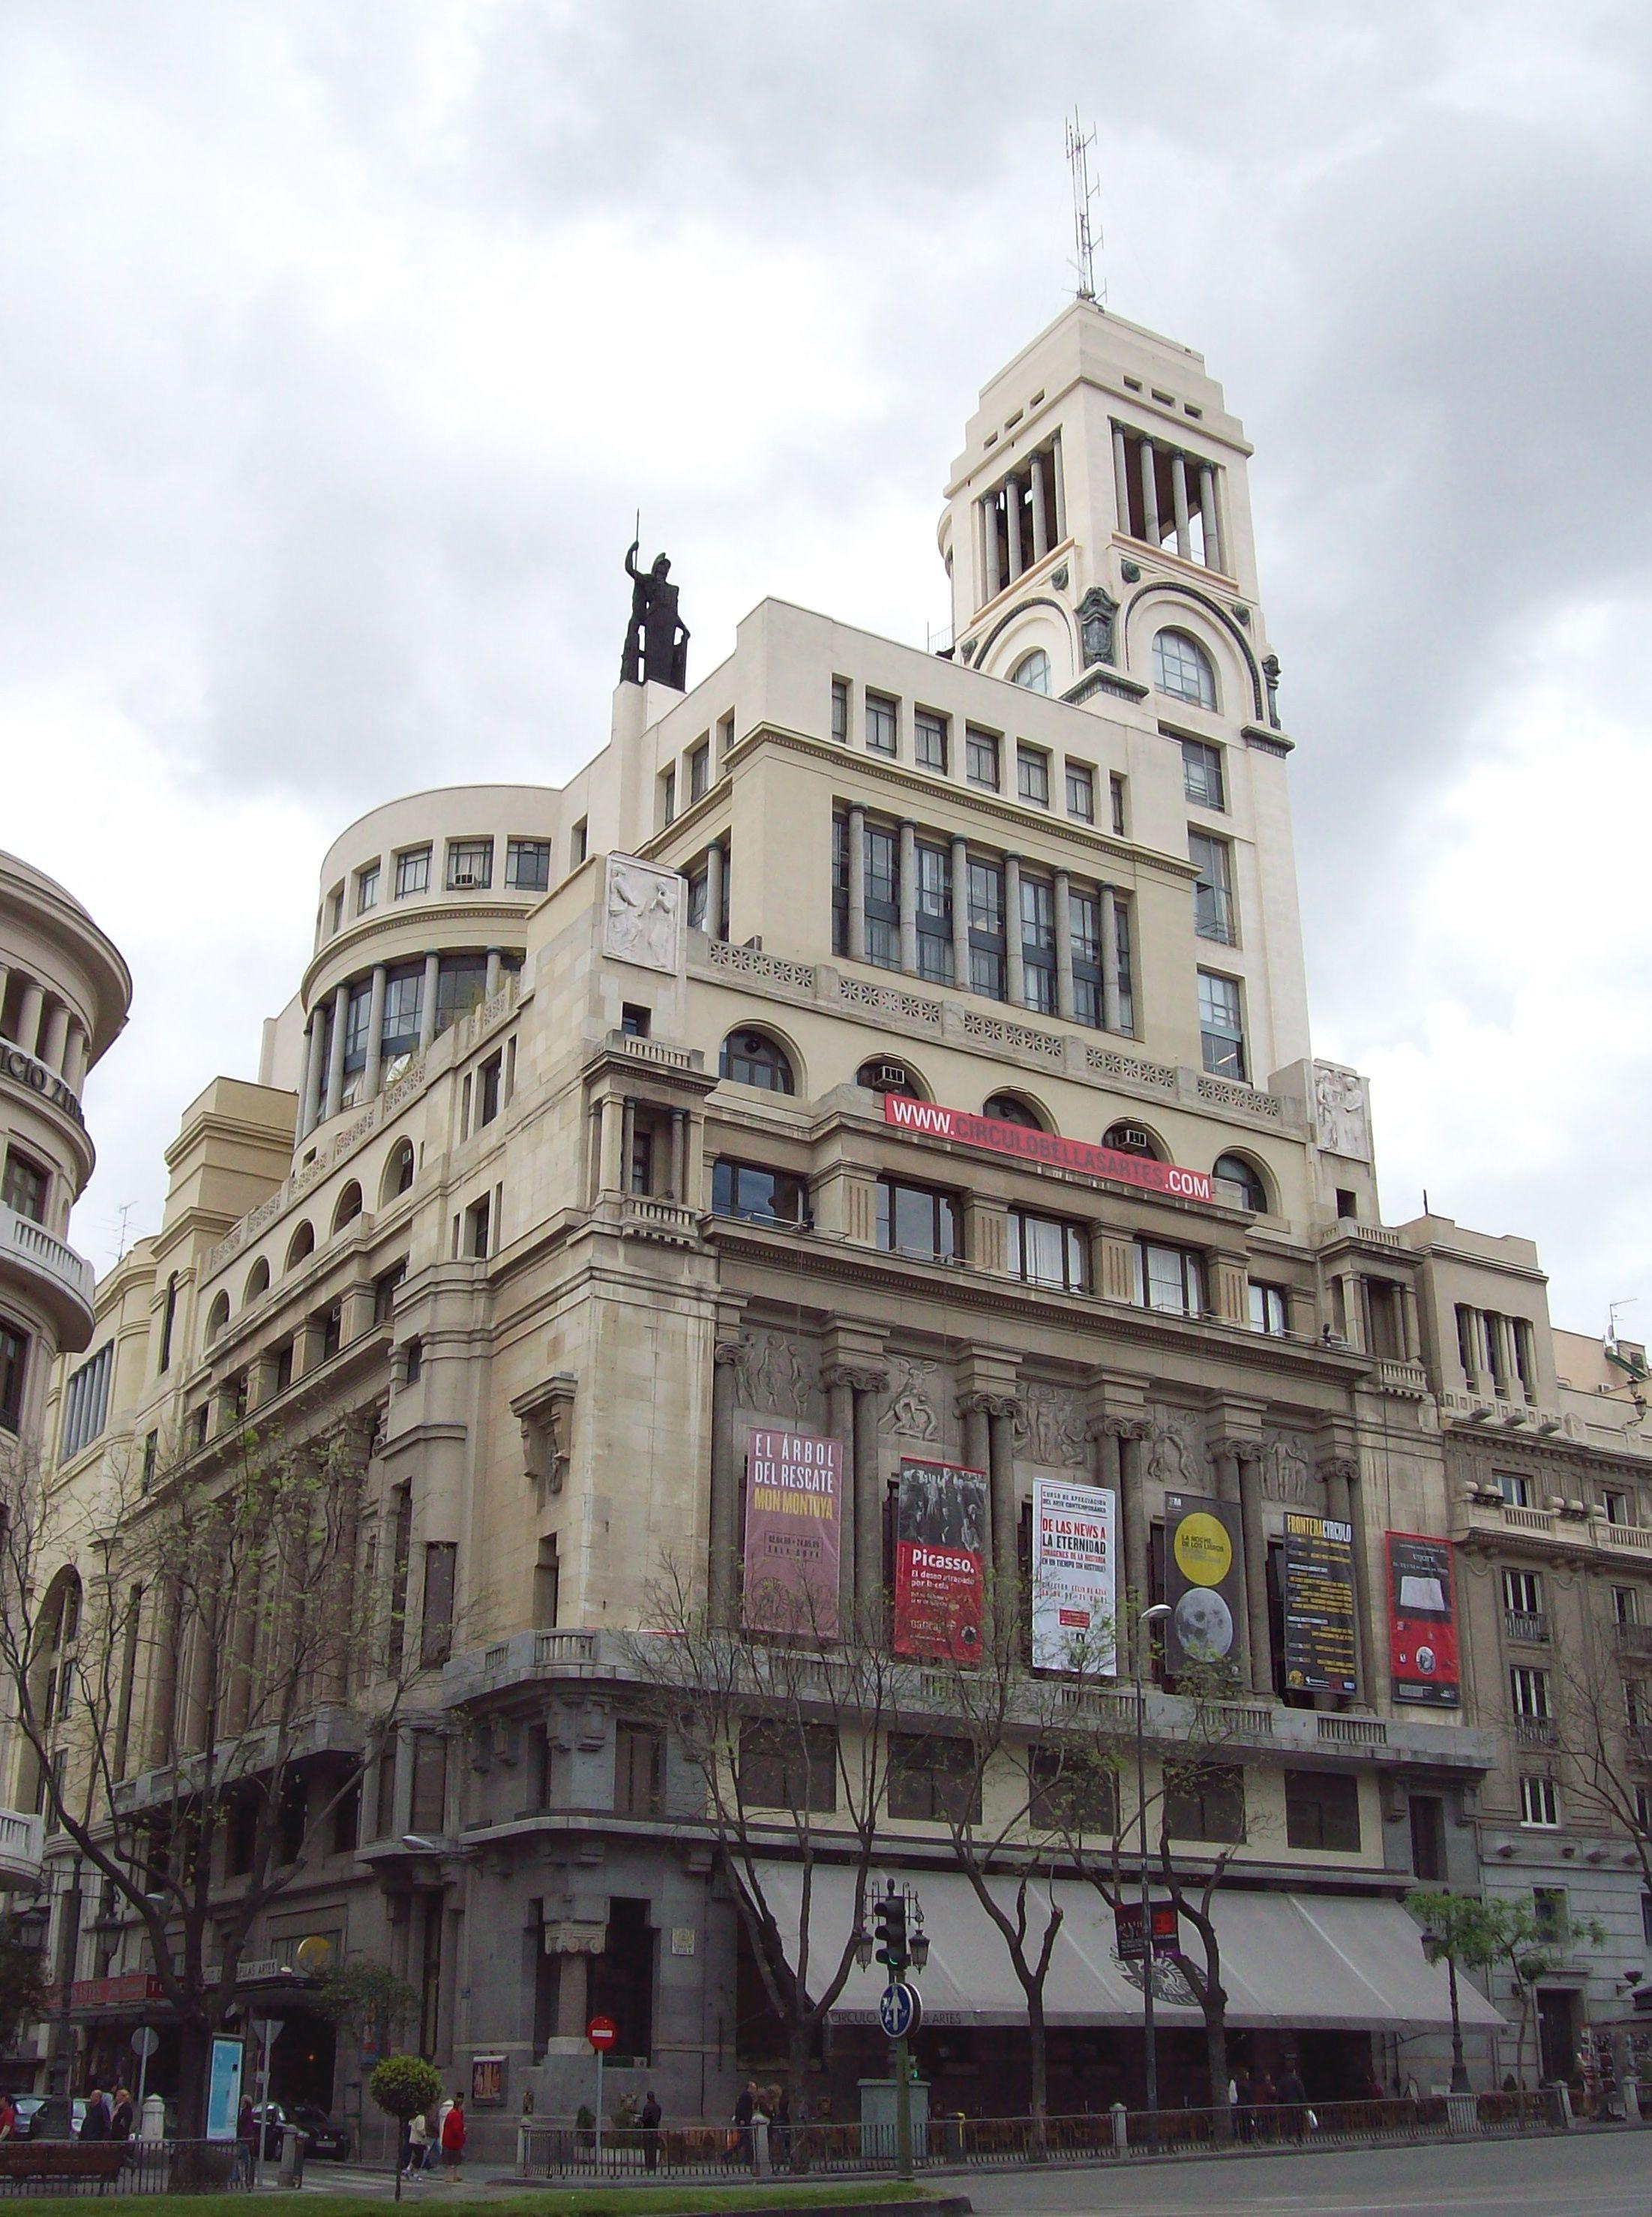 Cartelera de cine estudio c rculo de bellas artes madrid - Cines gran casa cartelera ...